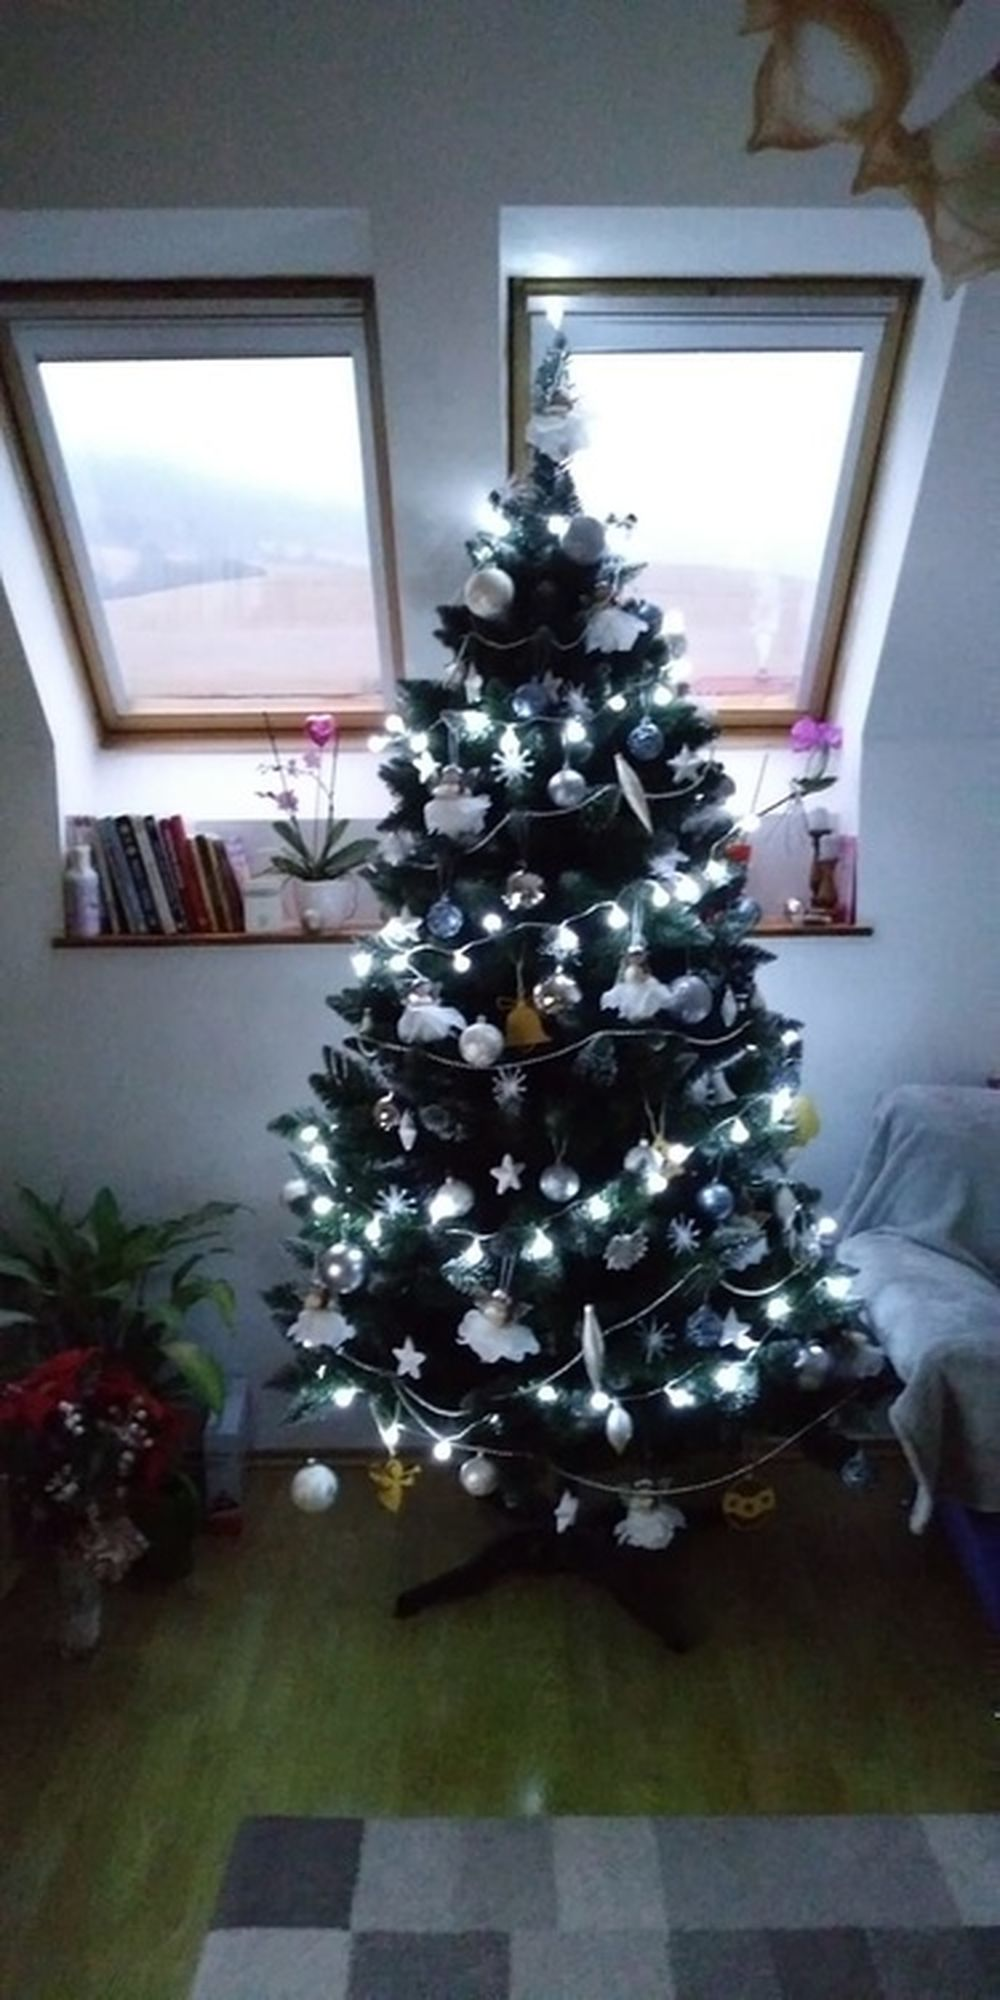 FOTO: Vianočné stromčeky v Žiline - výber fotografií našich čitateľov, foto 4